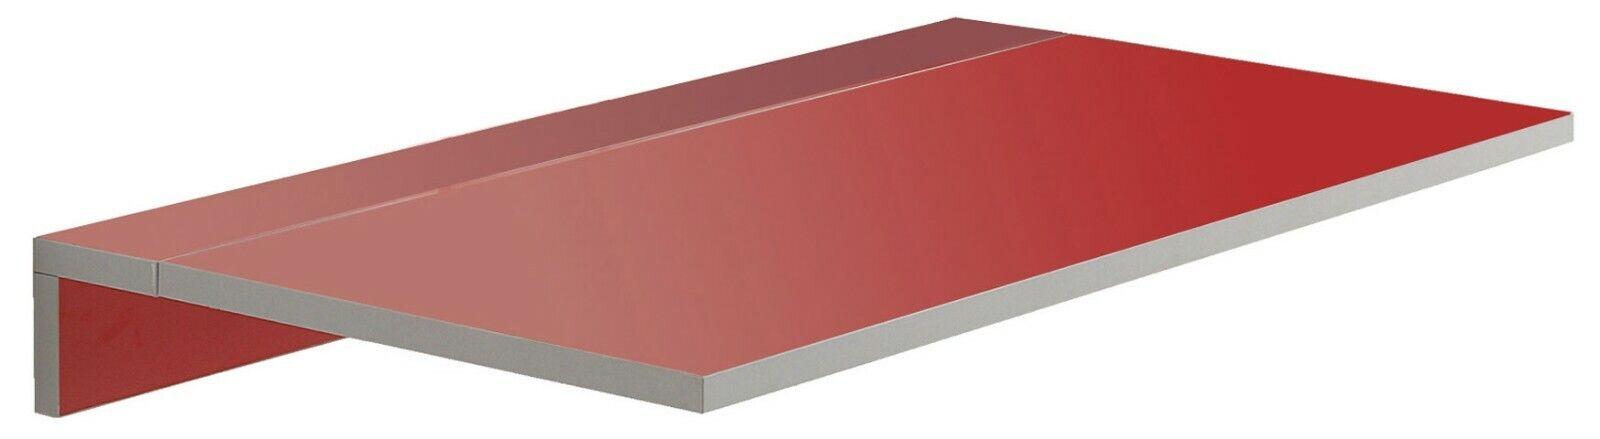 Mesa diseño moderno color rojo Vera cocina suspendida pared plegable 80x10-50